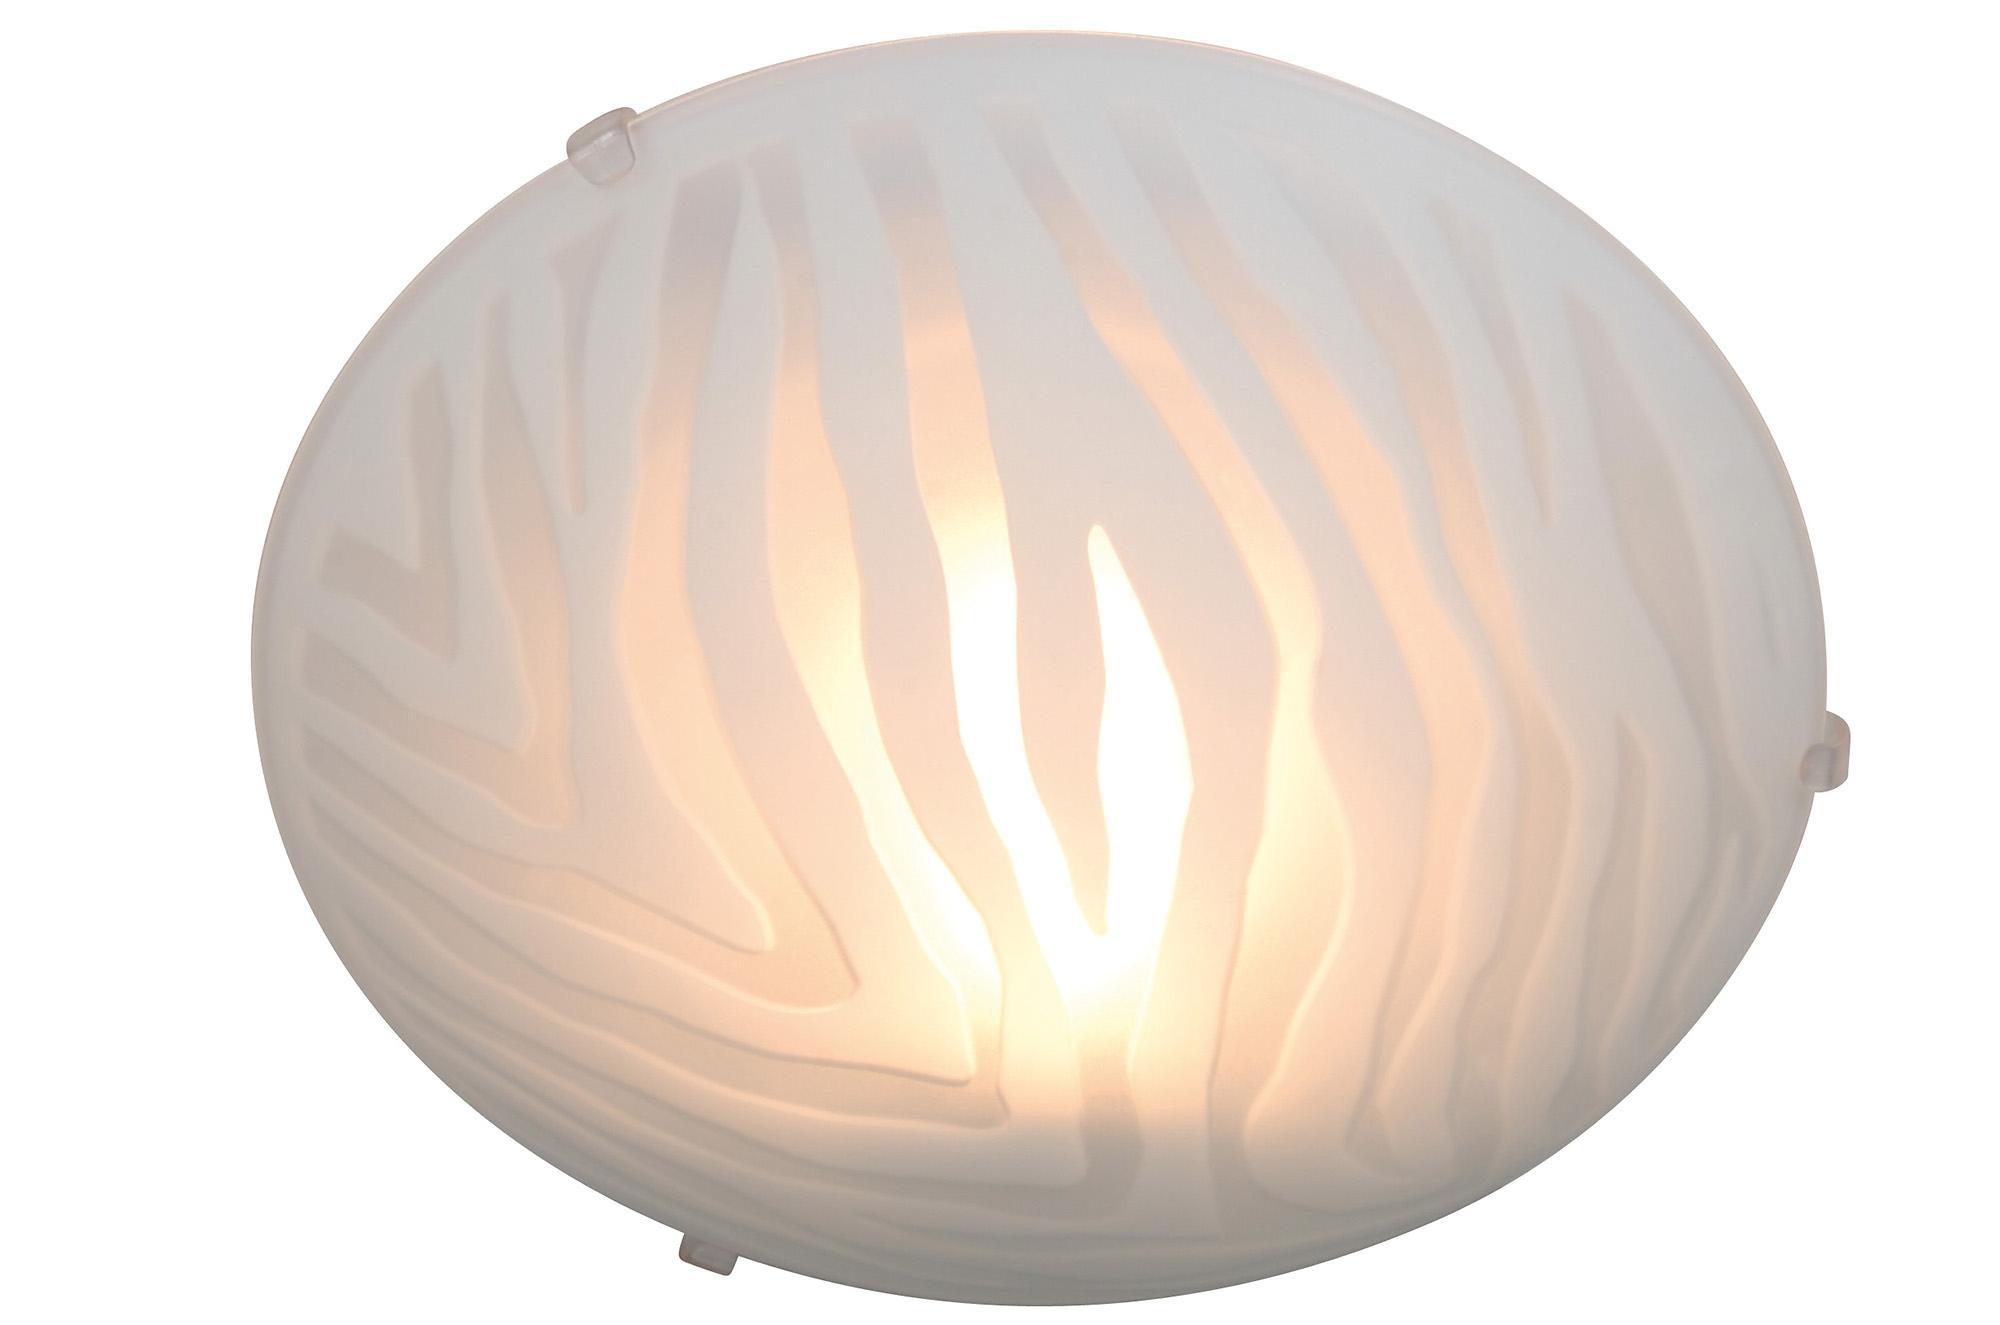 näve plafondlamp Plafondlamp bij OTTO online kopen